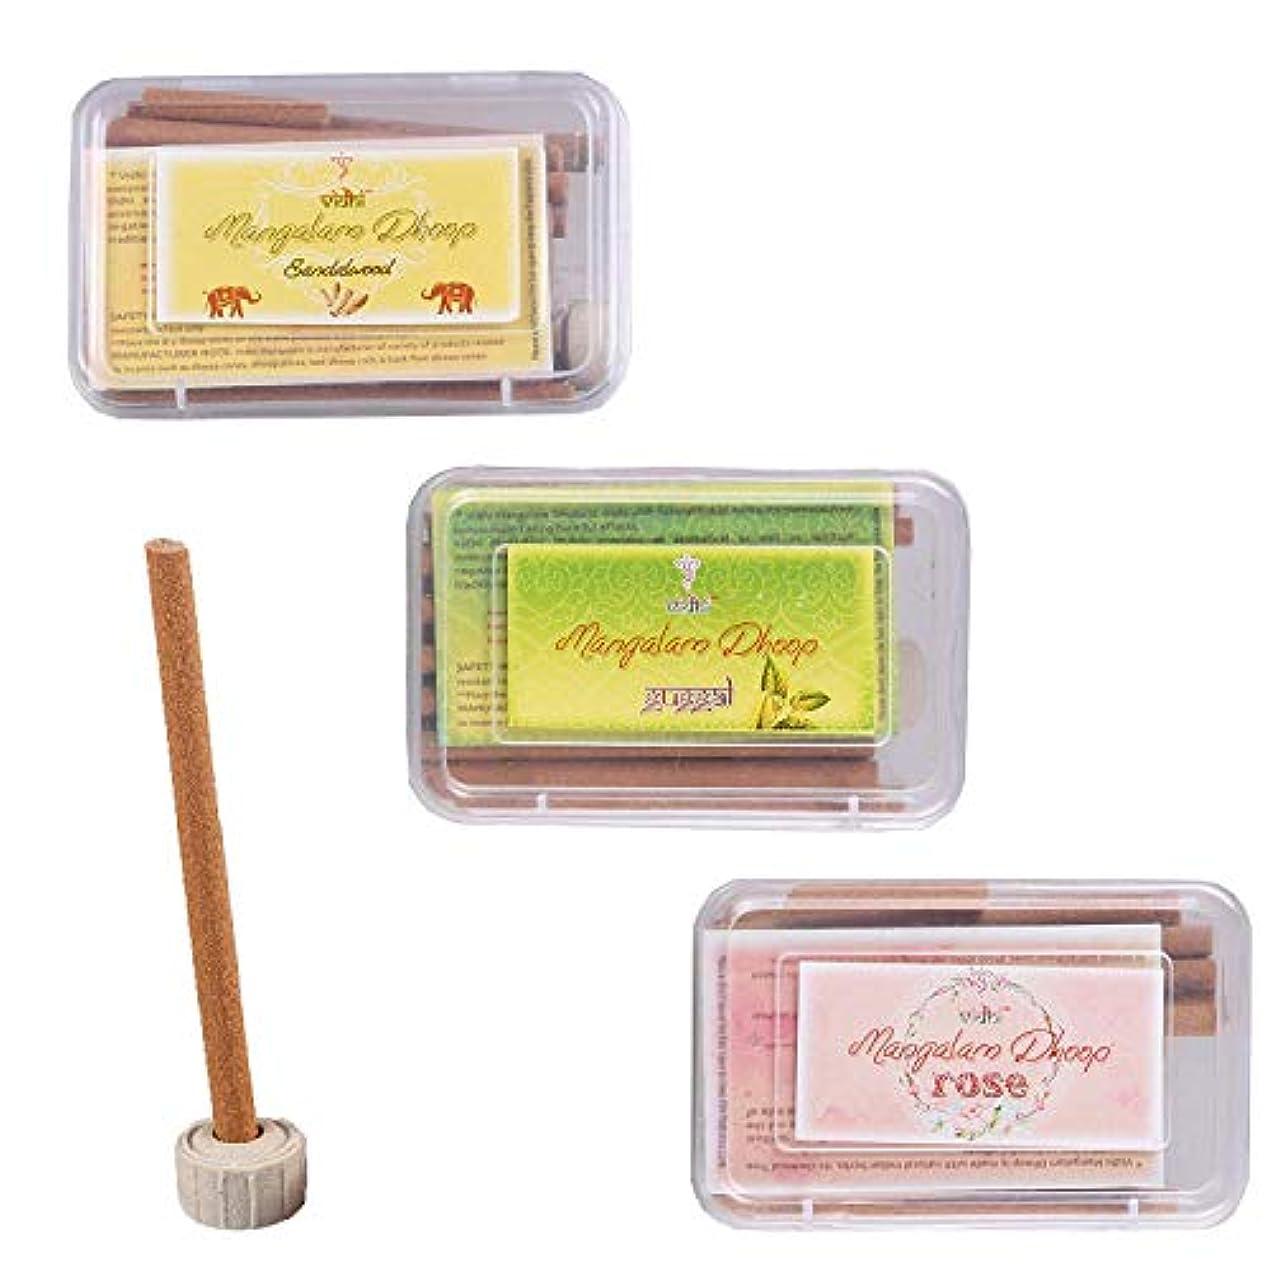 退屈させる人気の担当者Vidhi Mangalam Dhoop Sticks Pack/Boxes (Guggal, Rose and Sandalwood) - Pack of 120 Dhoop Sticks (Natural Dhoop...